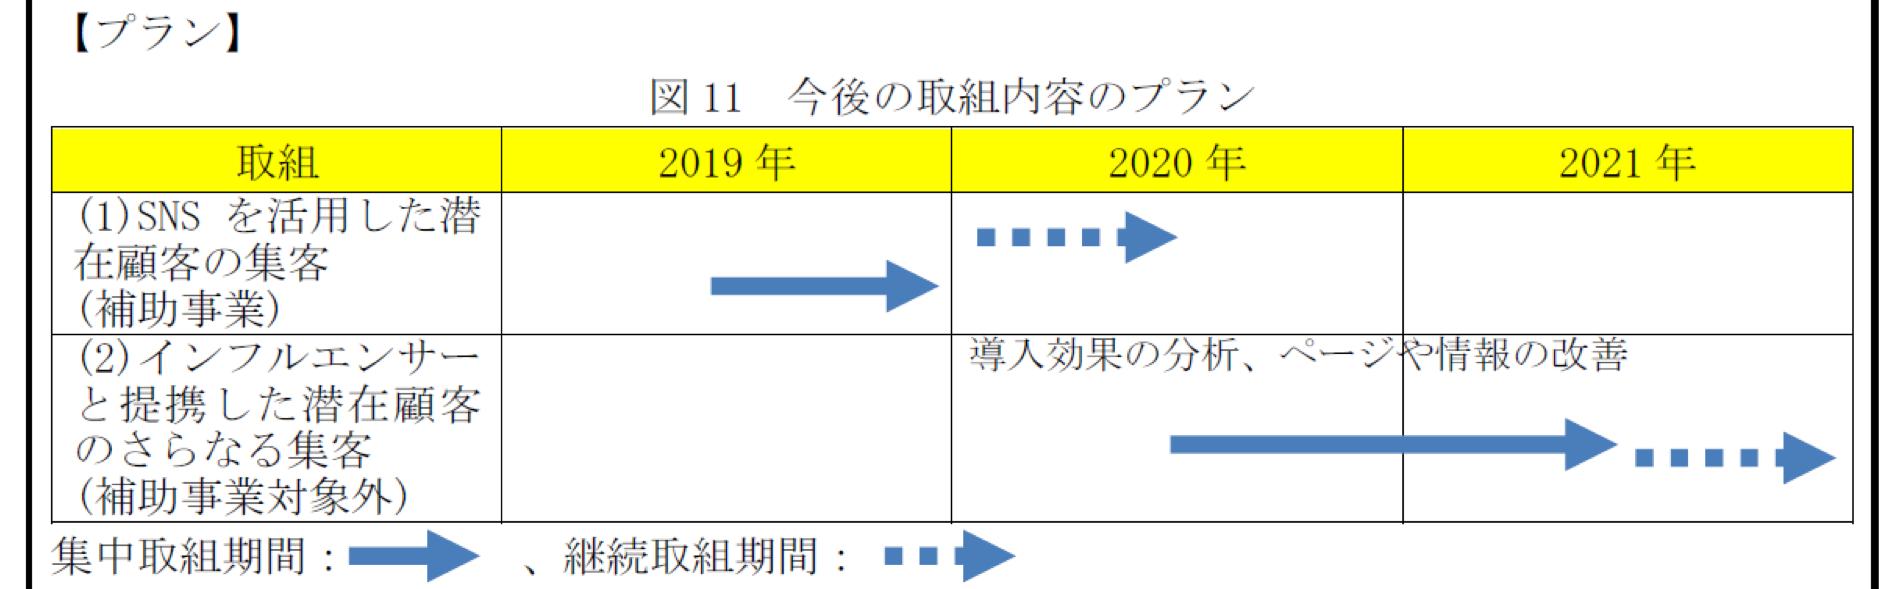 2019年作成申請書より抜粋